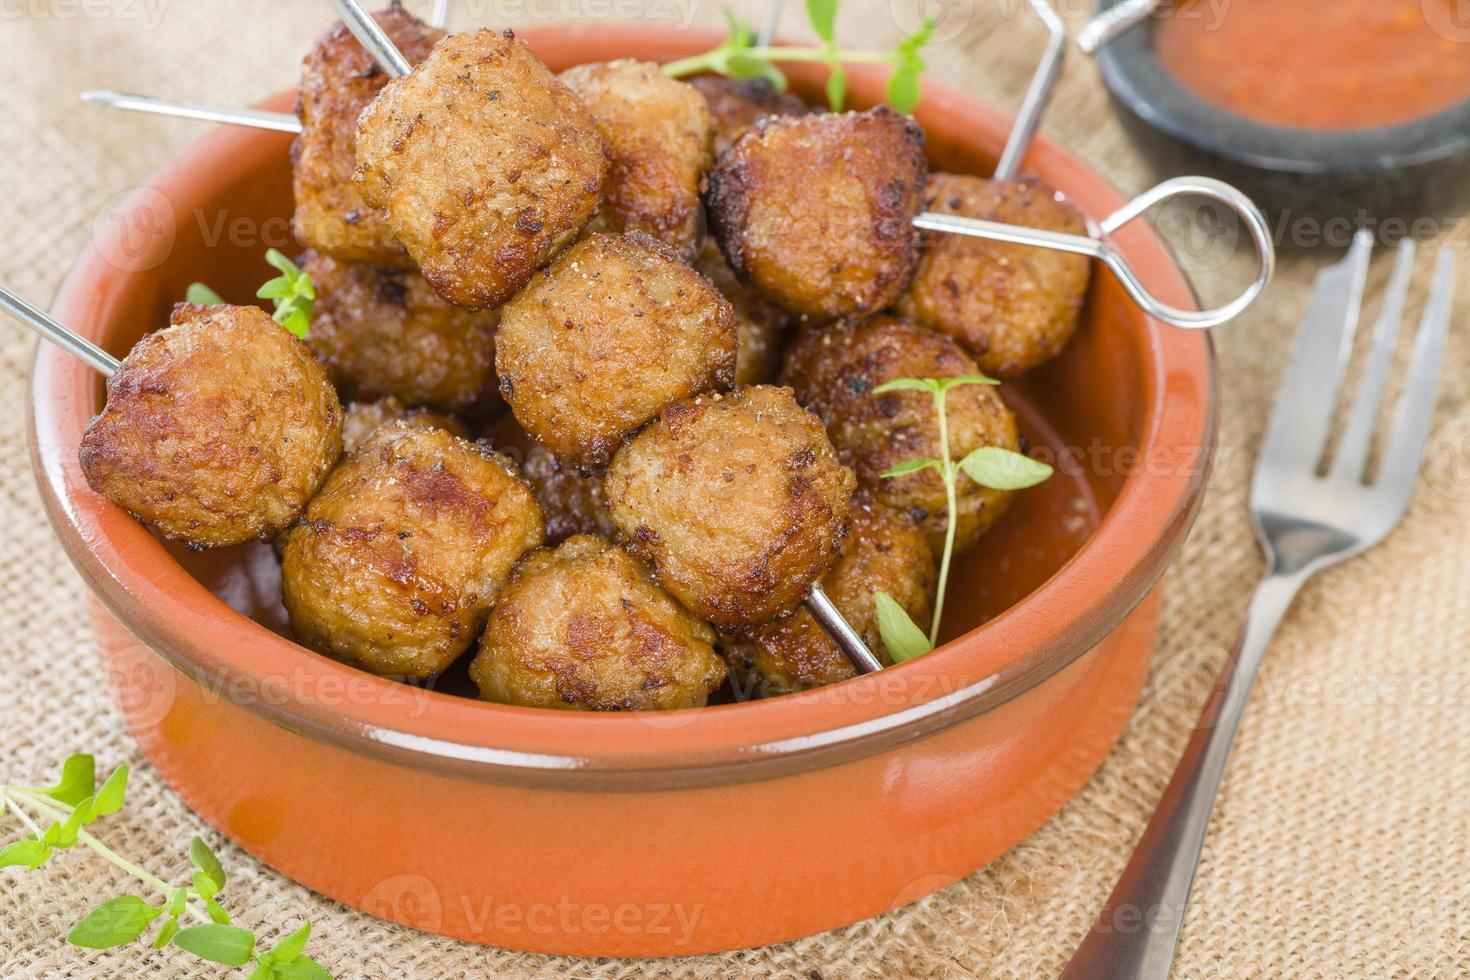 Boulettes de viande BBQ photo